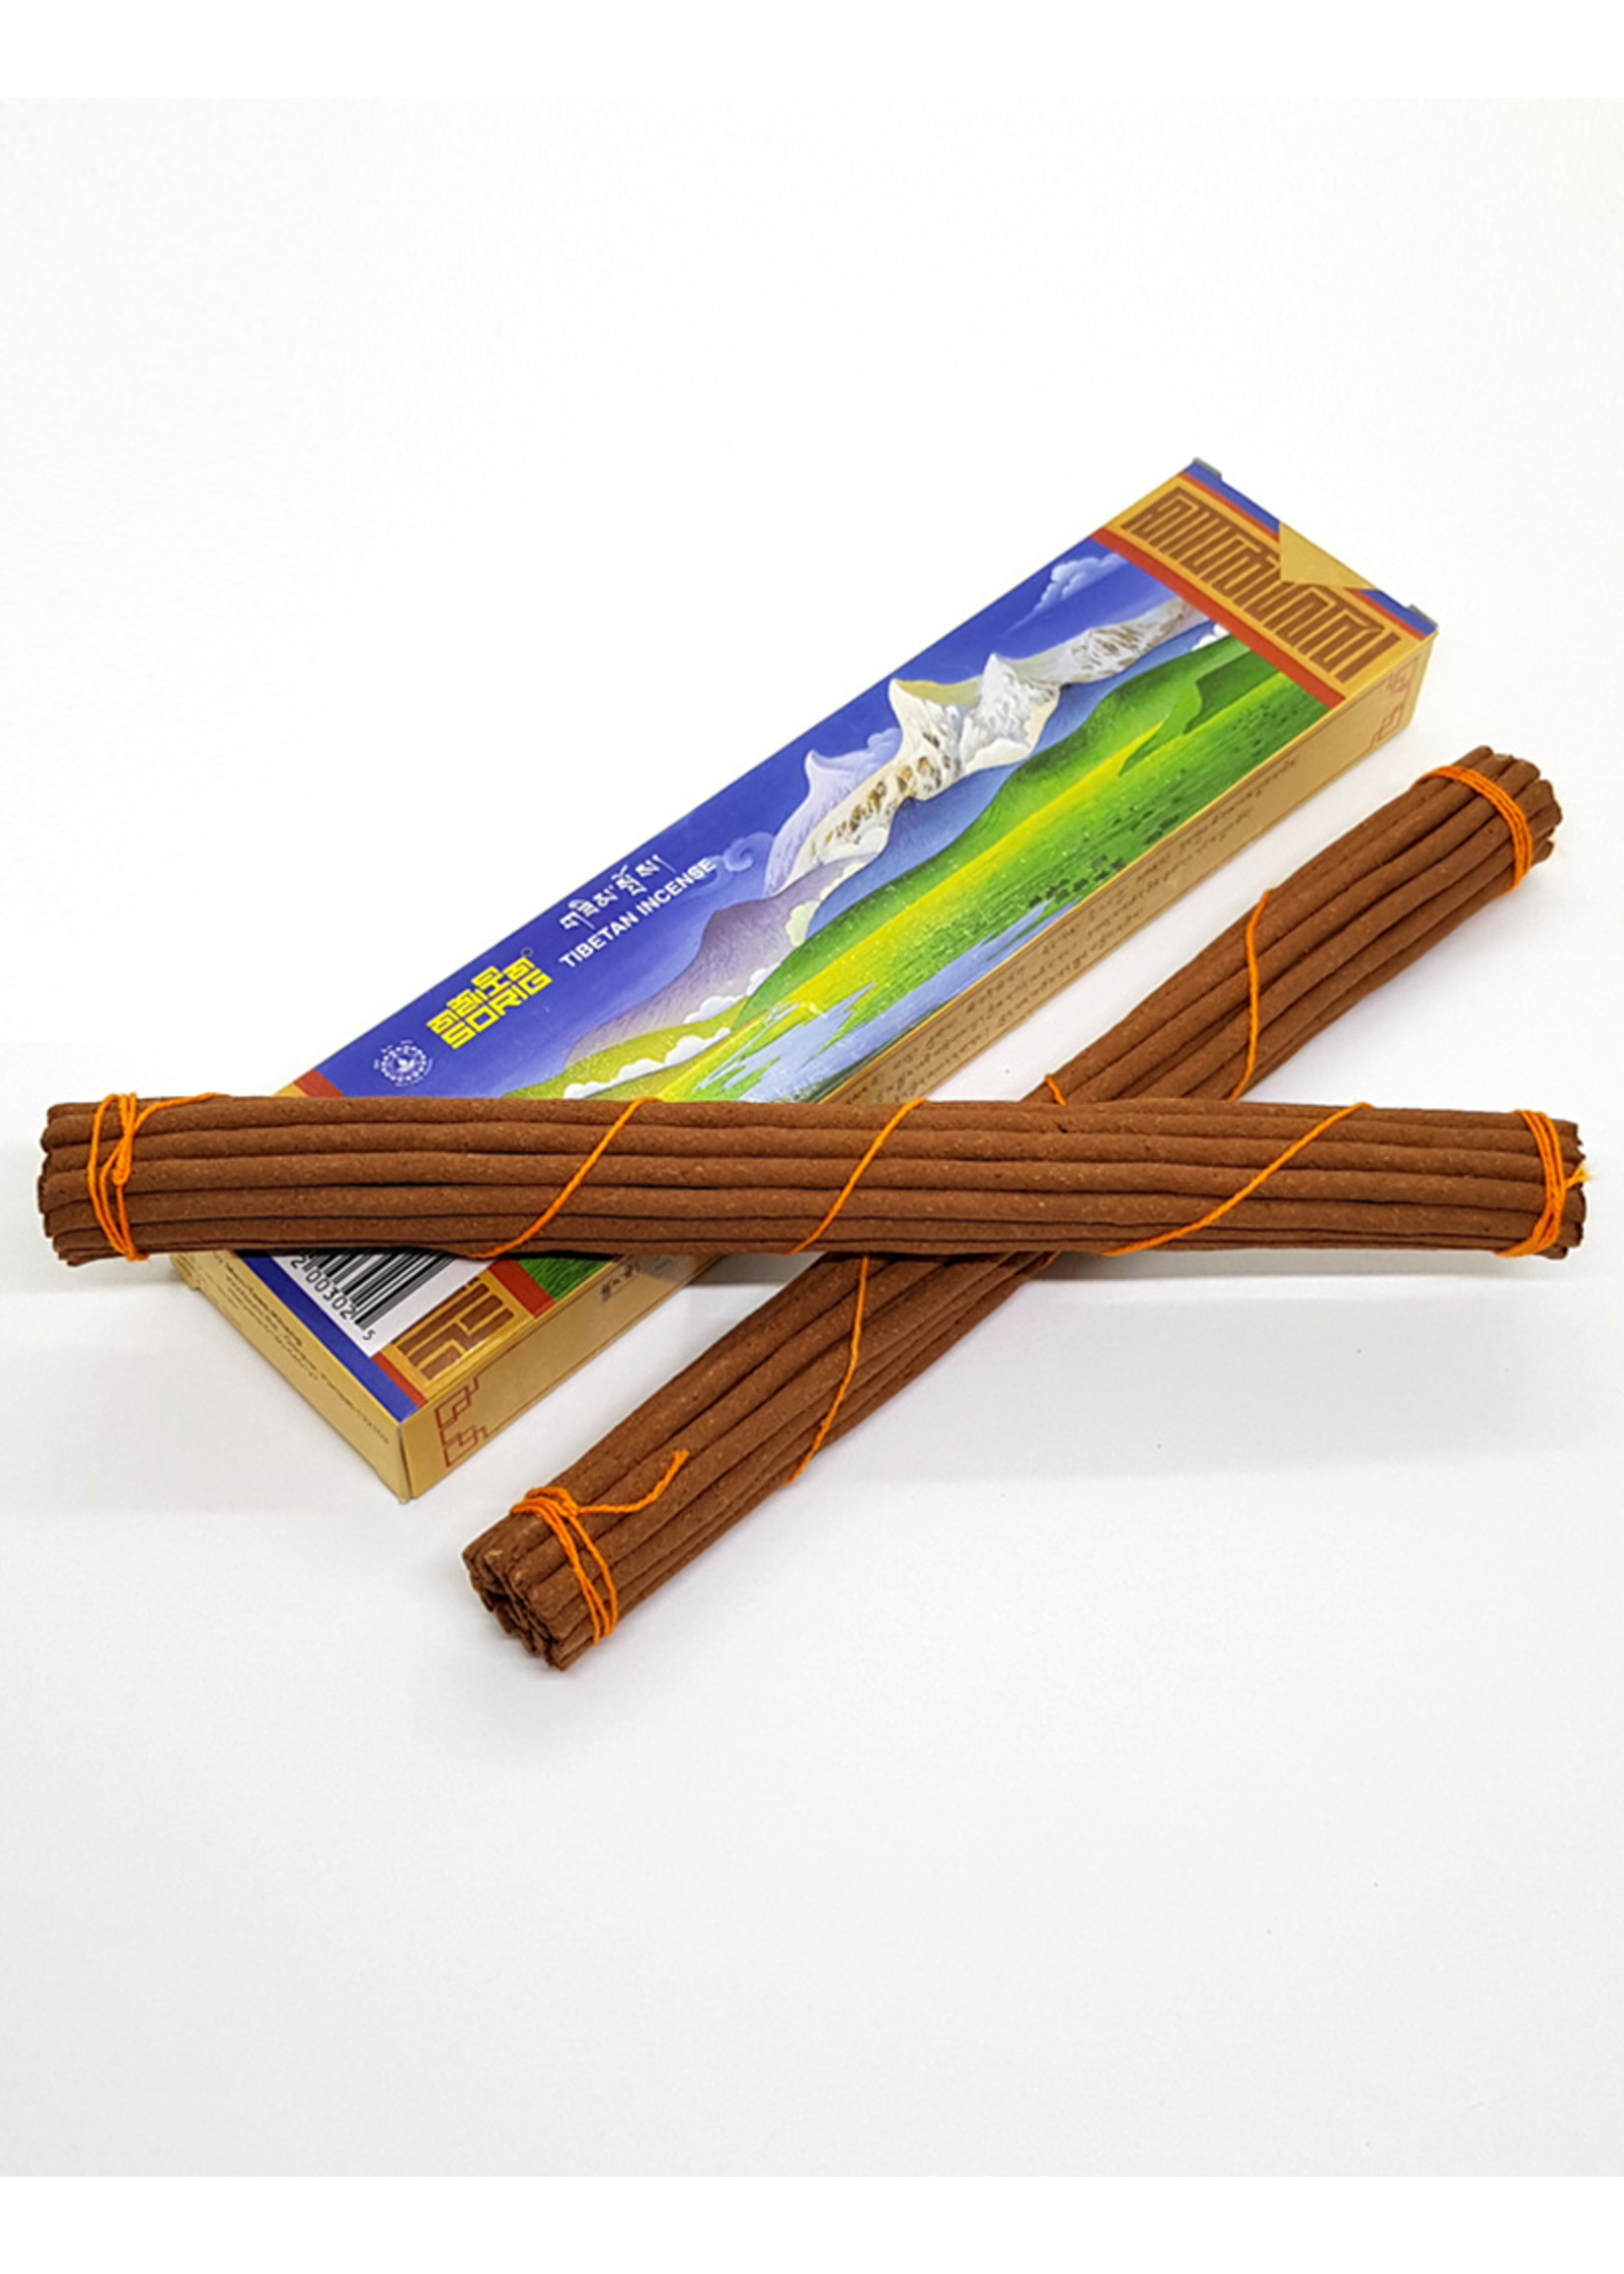 Tibetische Räucherstäbchen Sorig Tibetan Incense, Duo